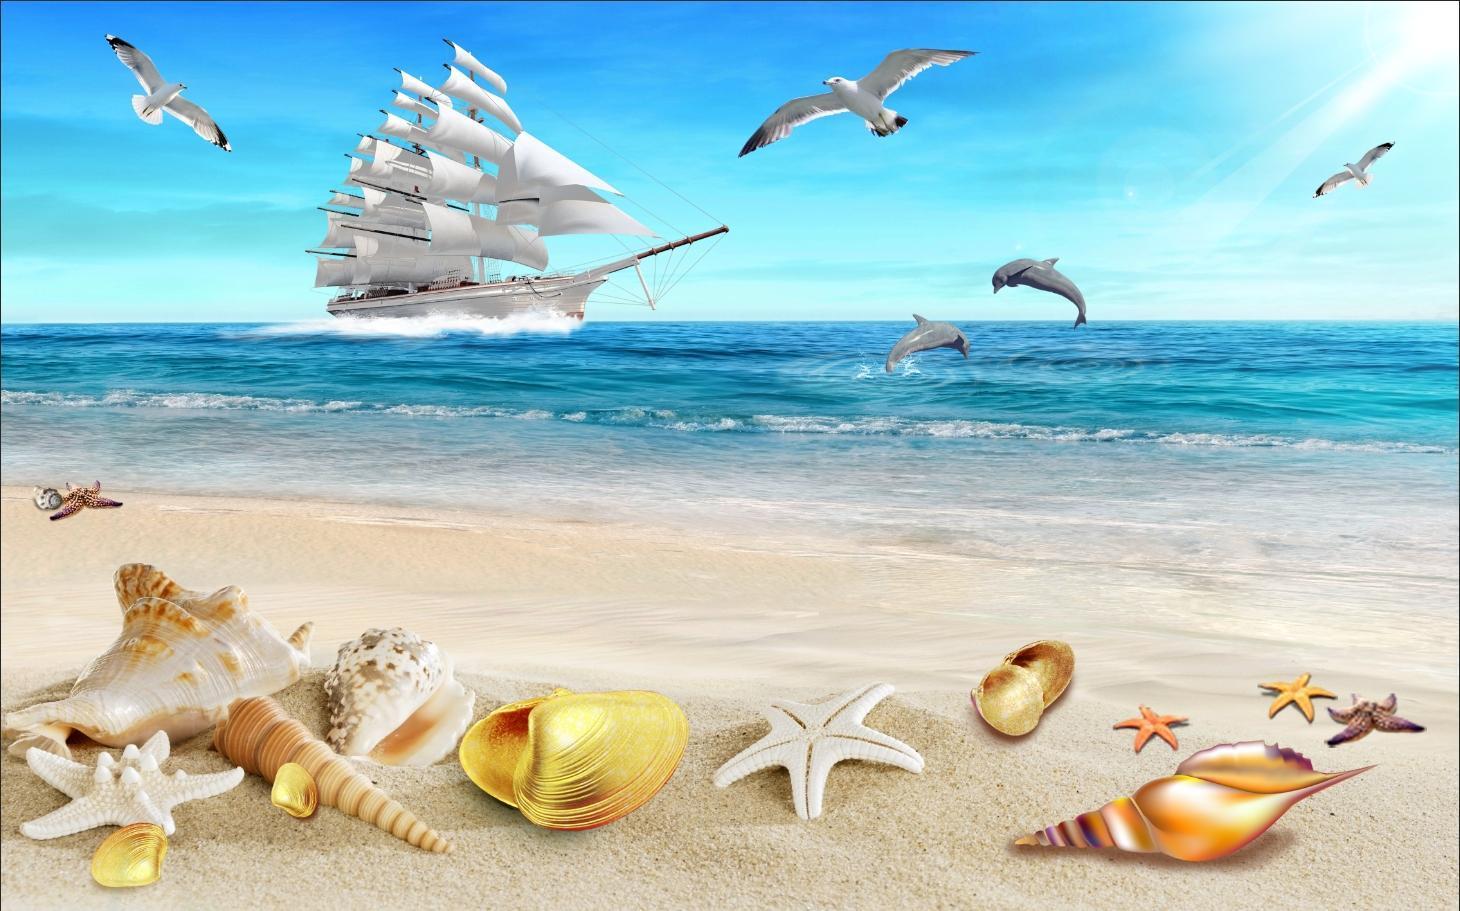 Картинки моря для визитки